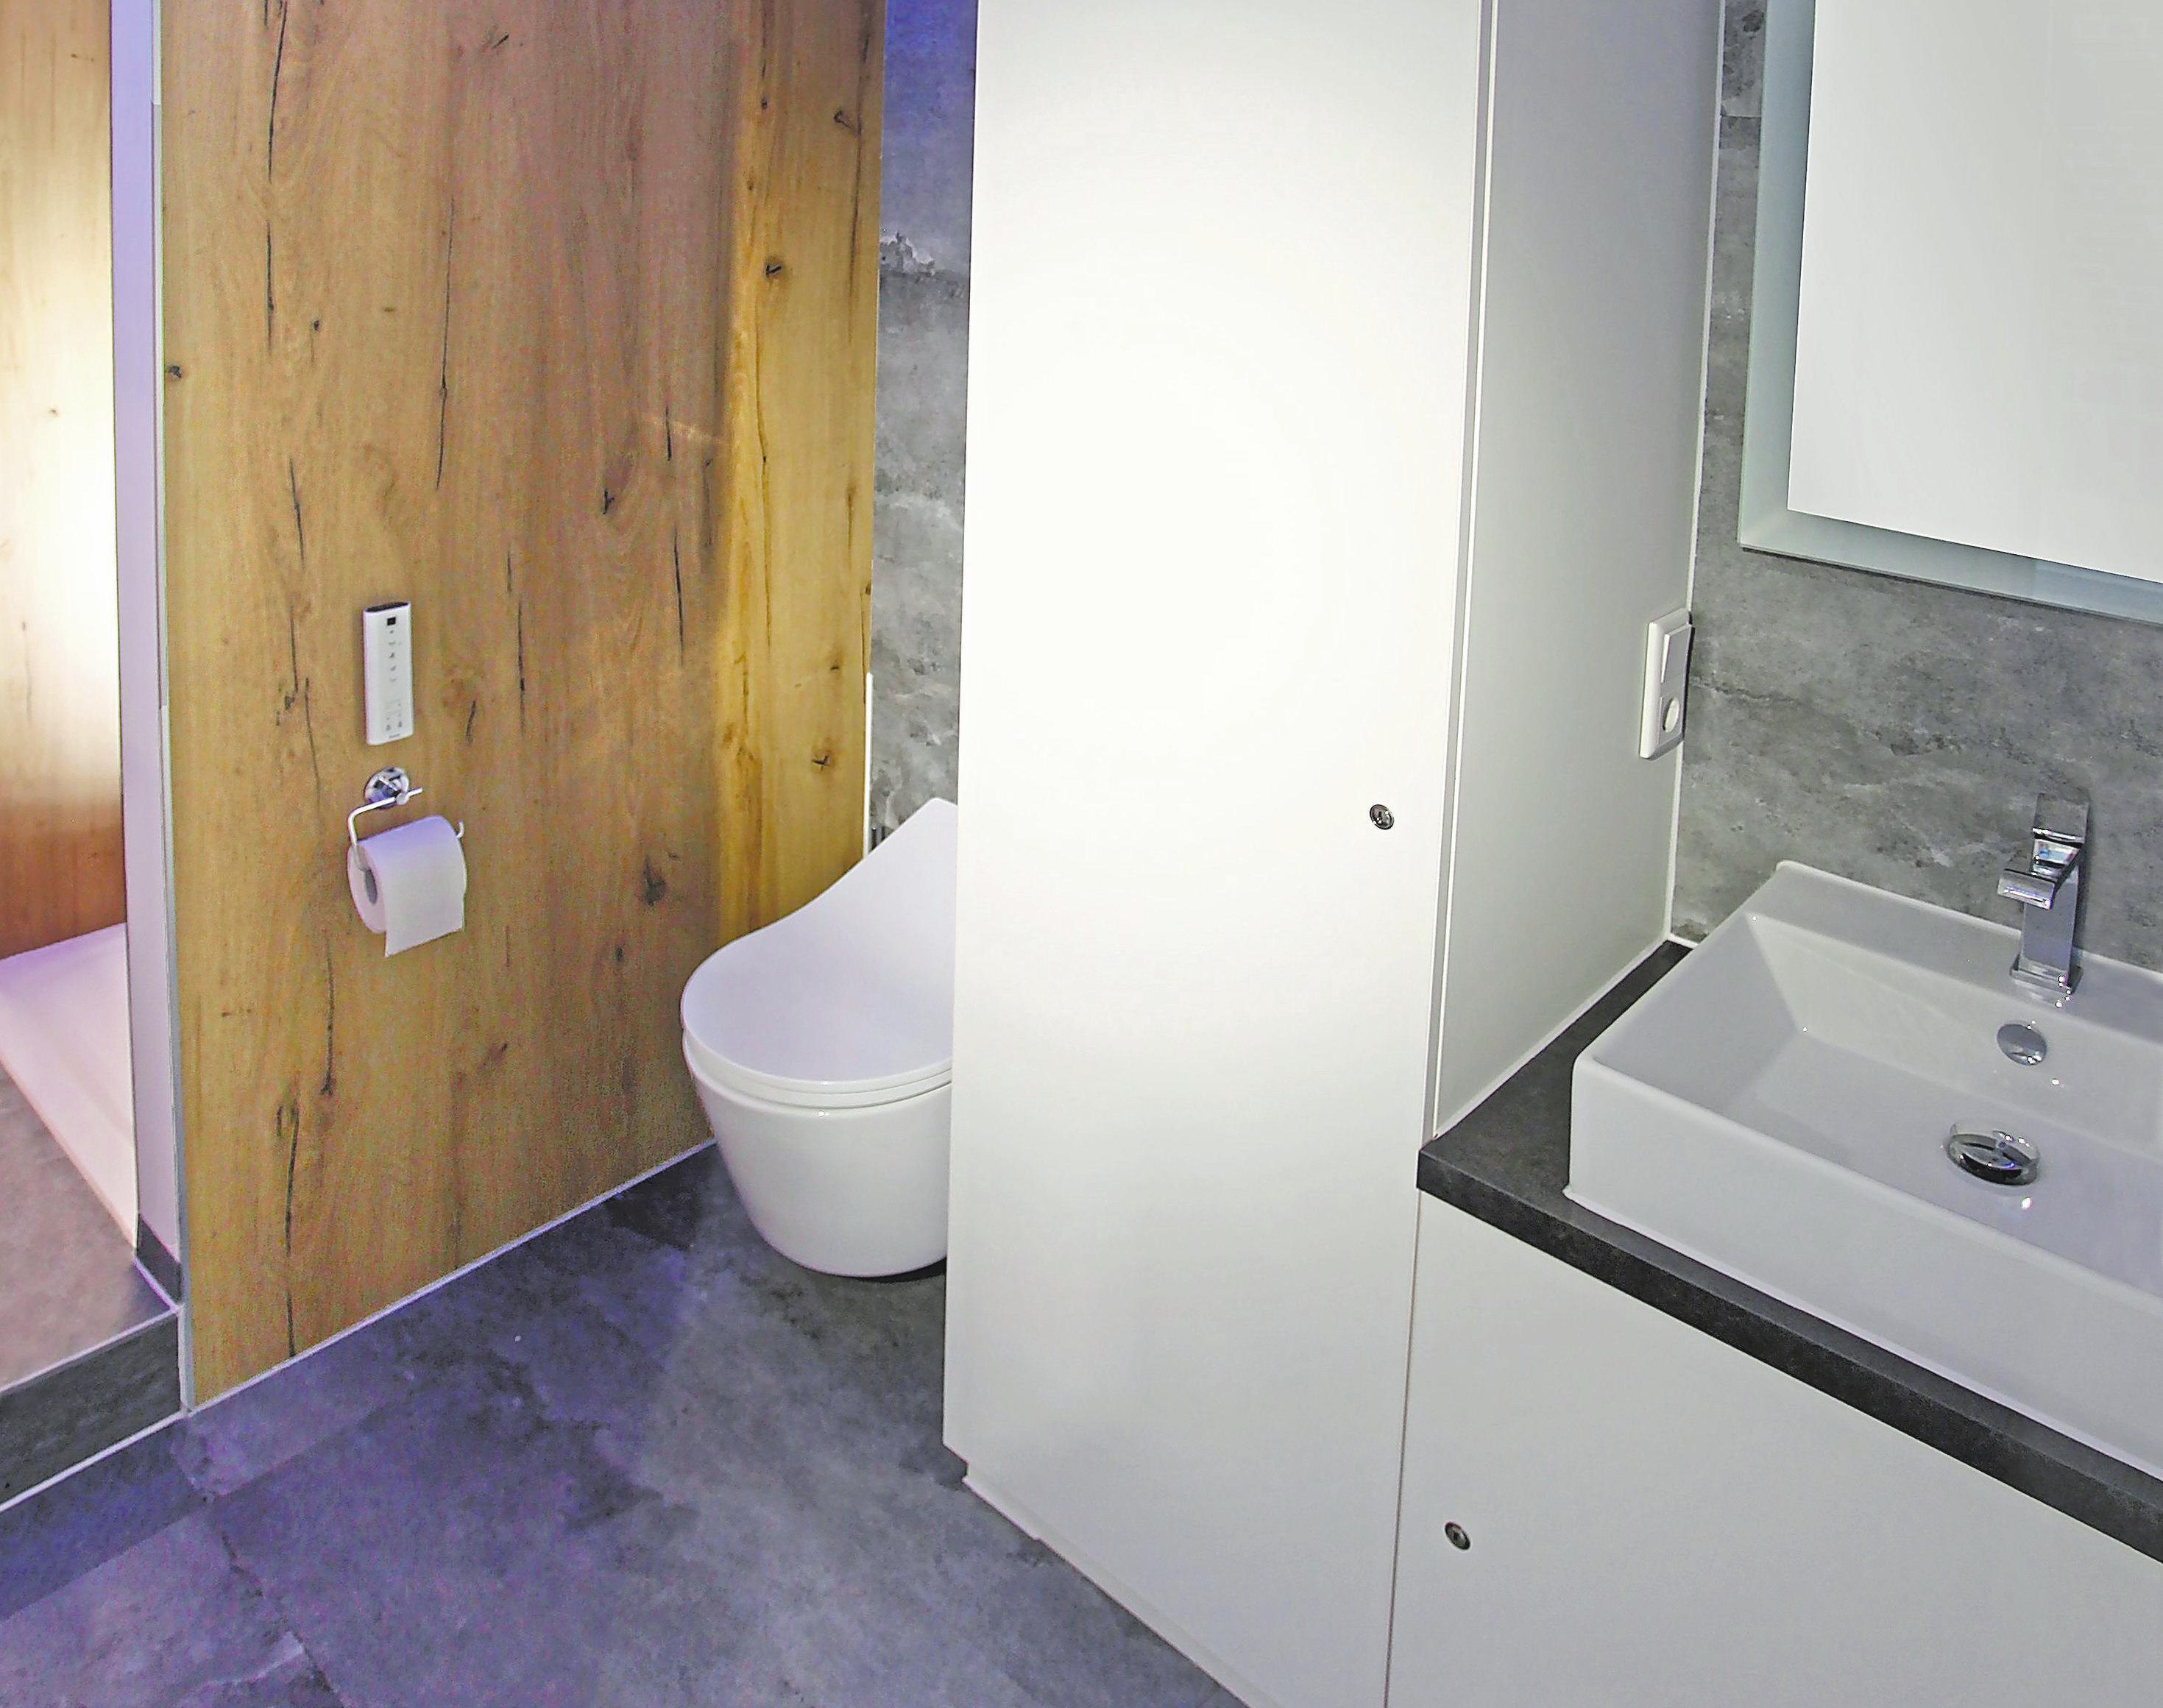 Komfort wie im eigenen Bad bietet der Anhänger, der Kunden während einer Badsanierung bei Bedarf zur Verfügung gestellt wird. Foto: Deco Weilinghoff